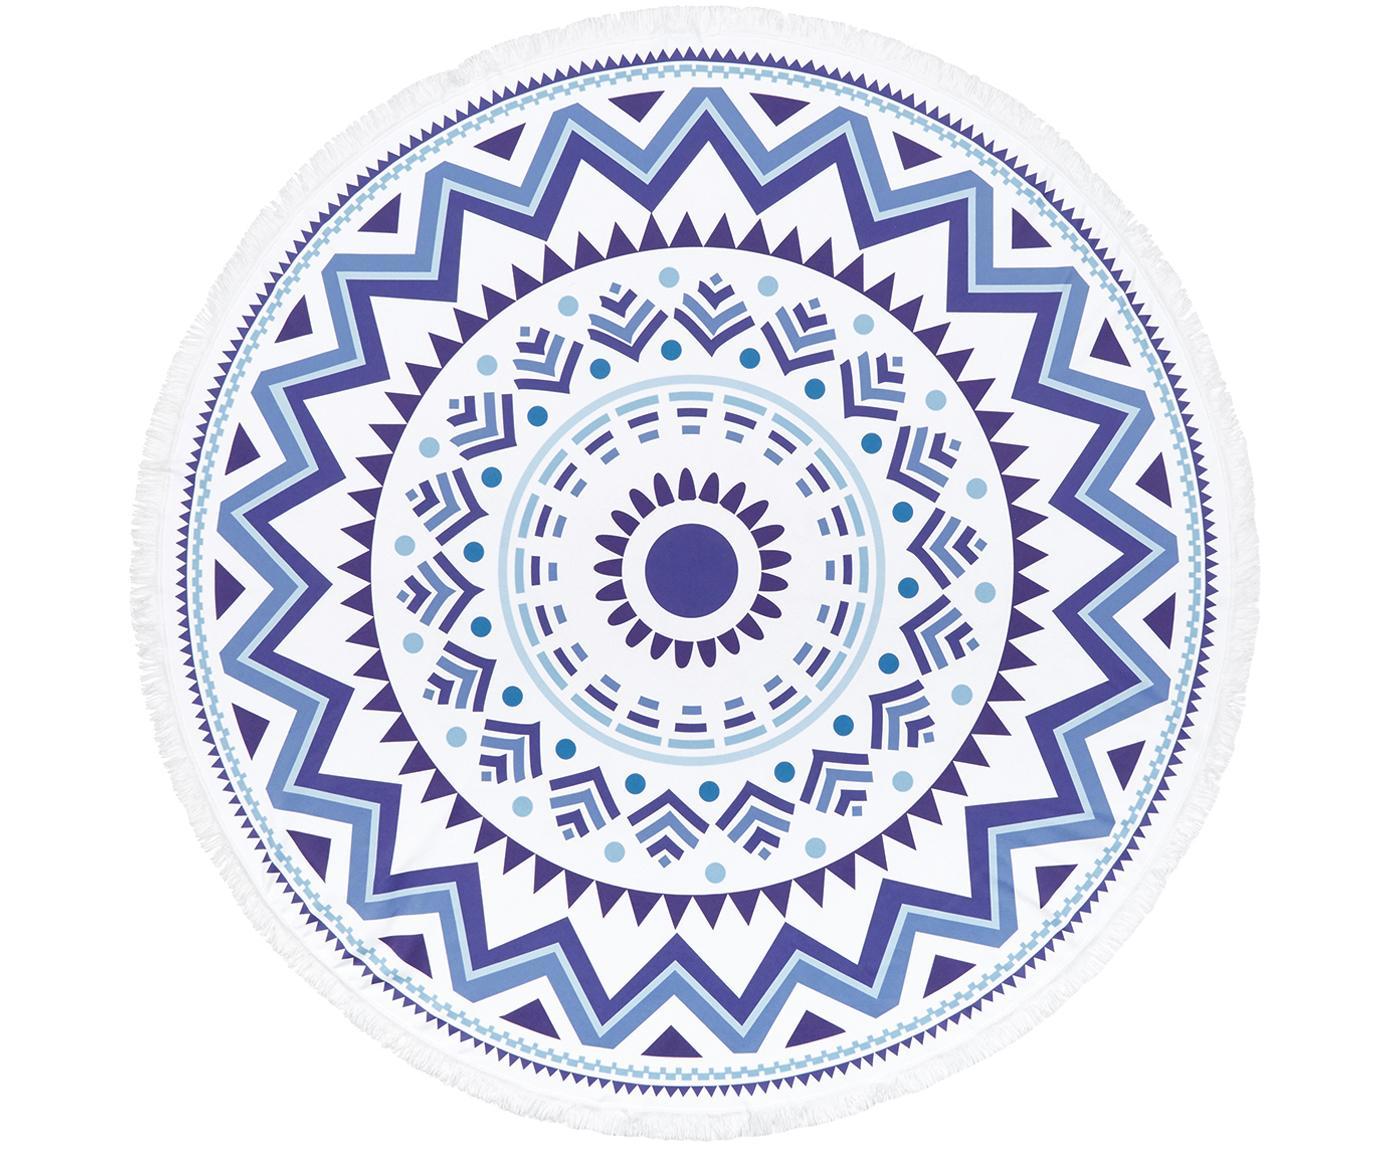 Rond strandlaken Hippie, patroon, 55% polyester, 45% katoen Zeer lichte kwaliteit 340 g/m², Donkerblauw, lichtblauw, wit, Ø 150 cm